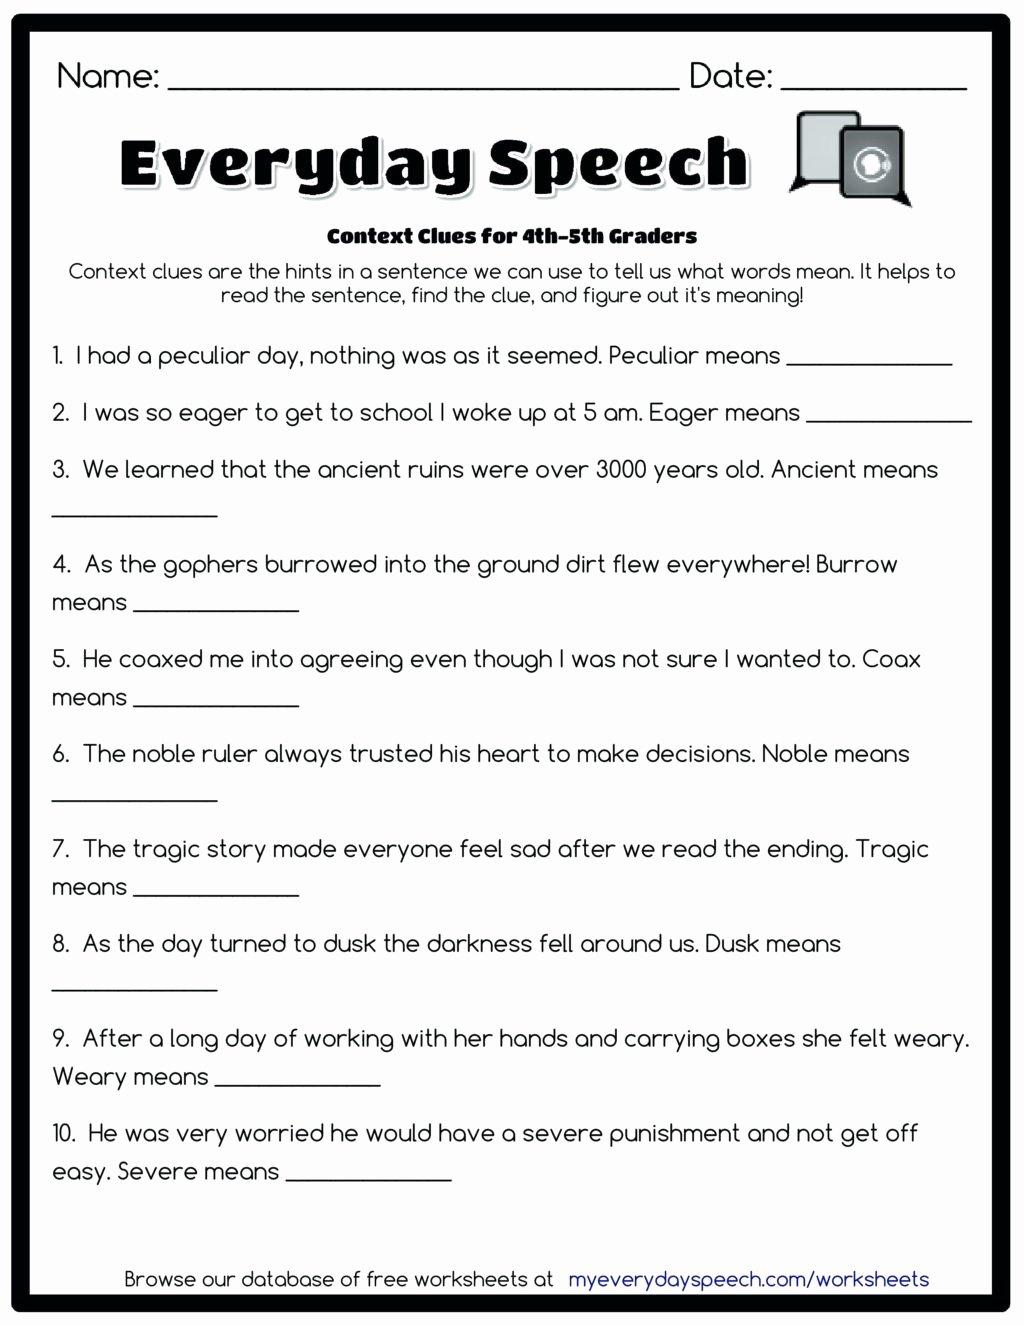 Paragraph Editing Worksheets 4th Grade Free Worksheet Free Mathorksheets to Print Out Graderiting